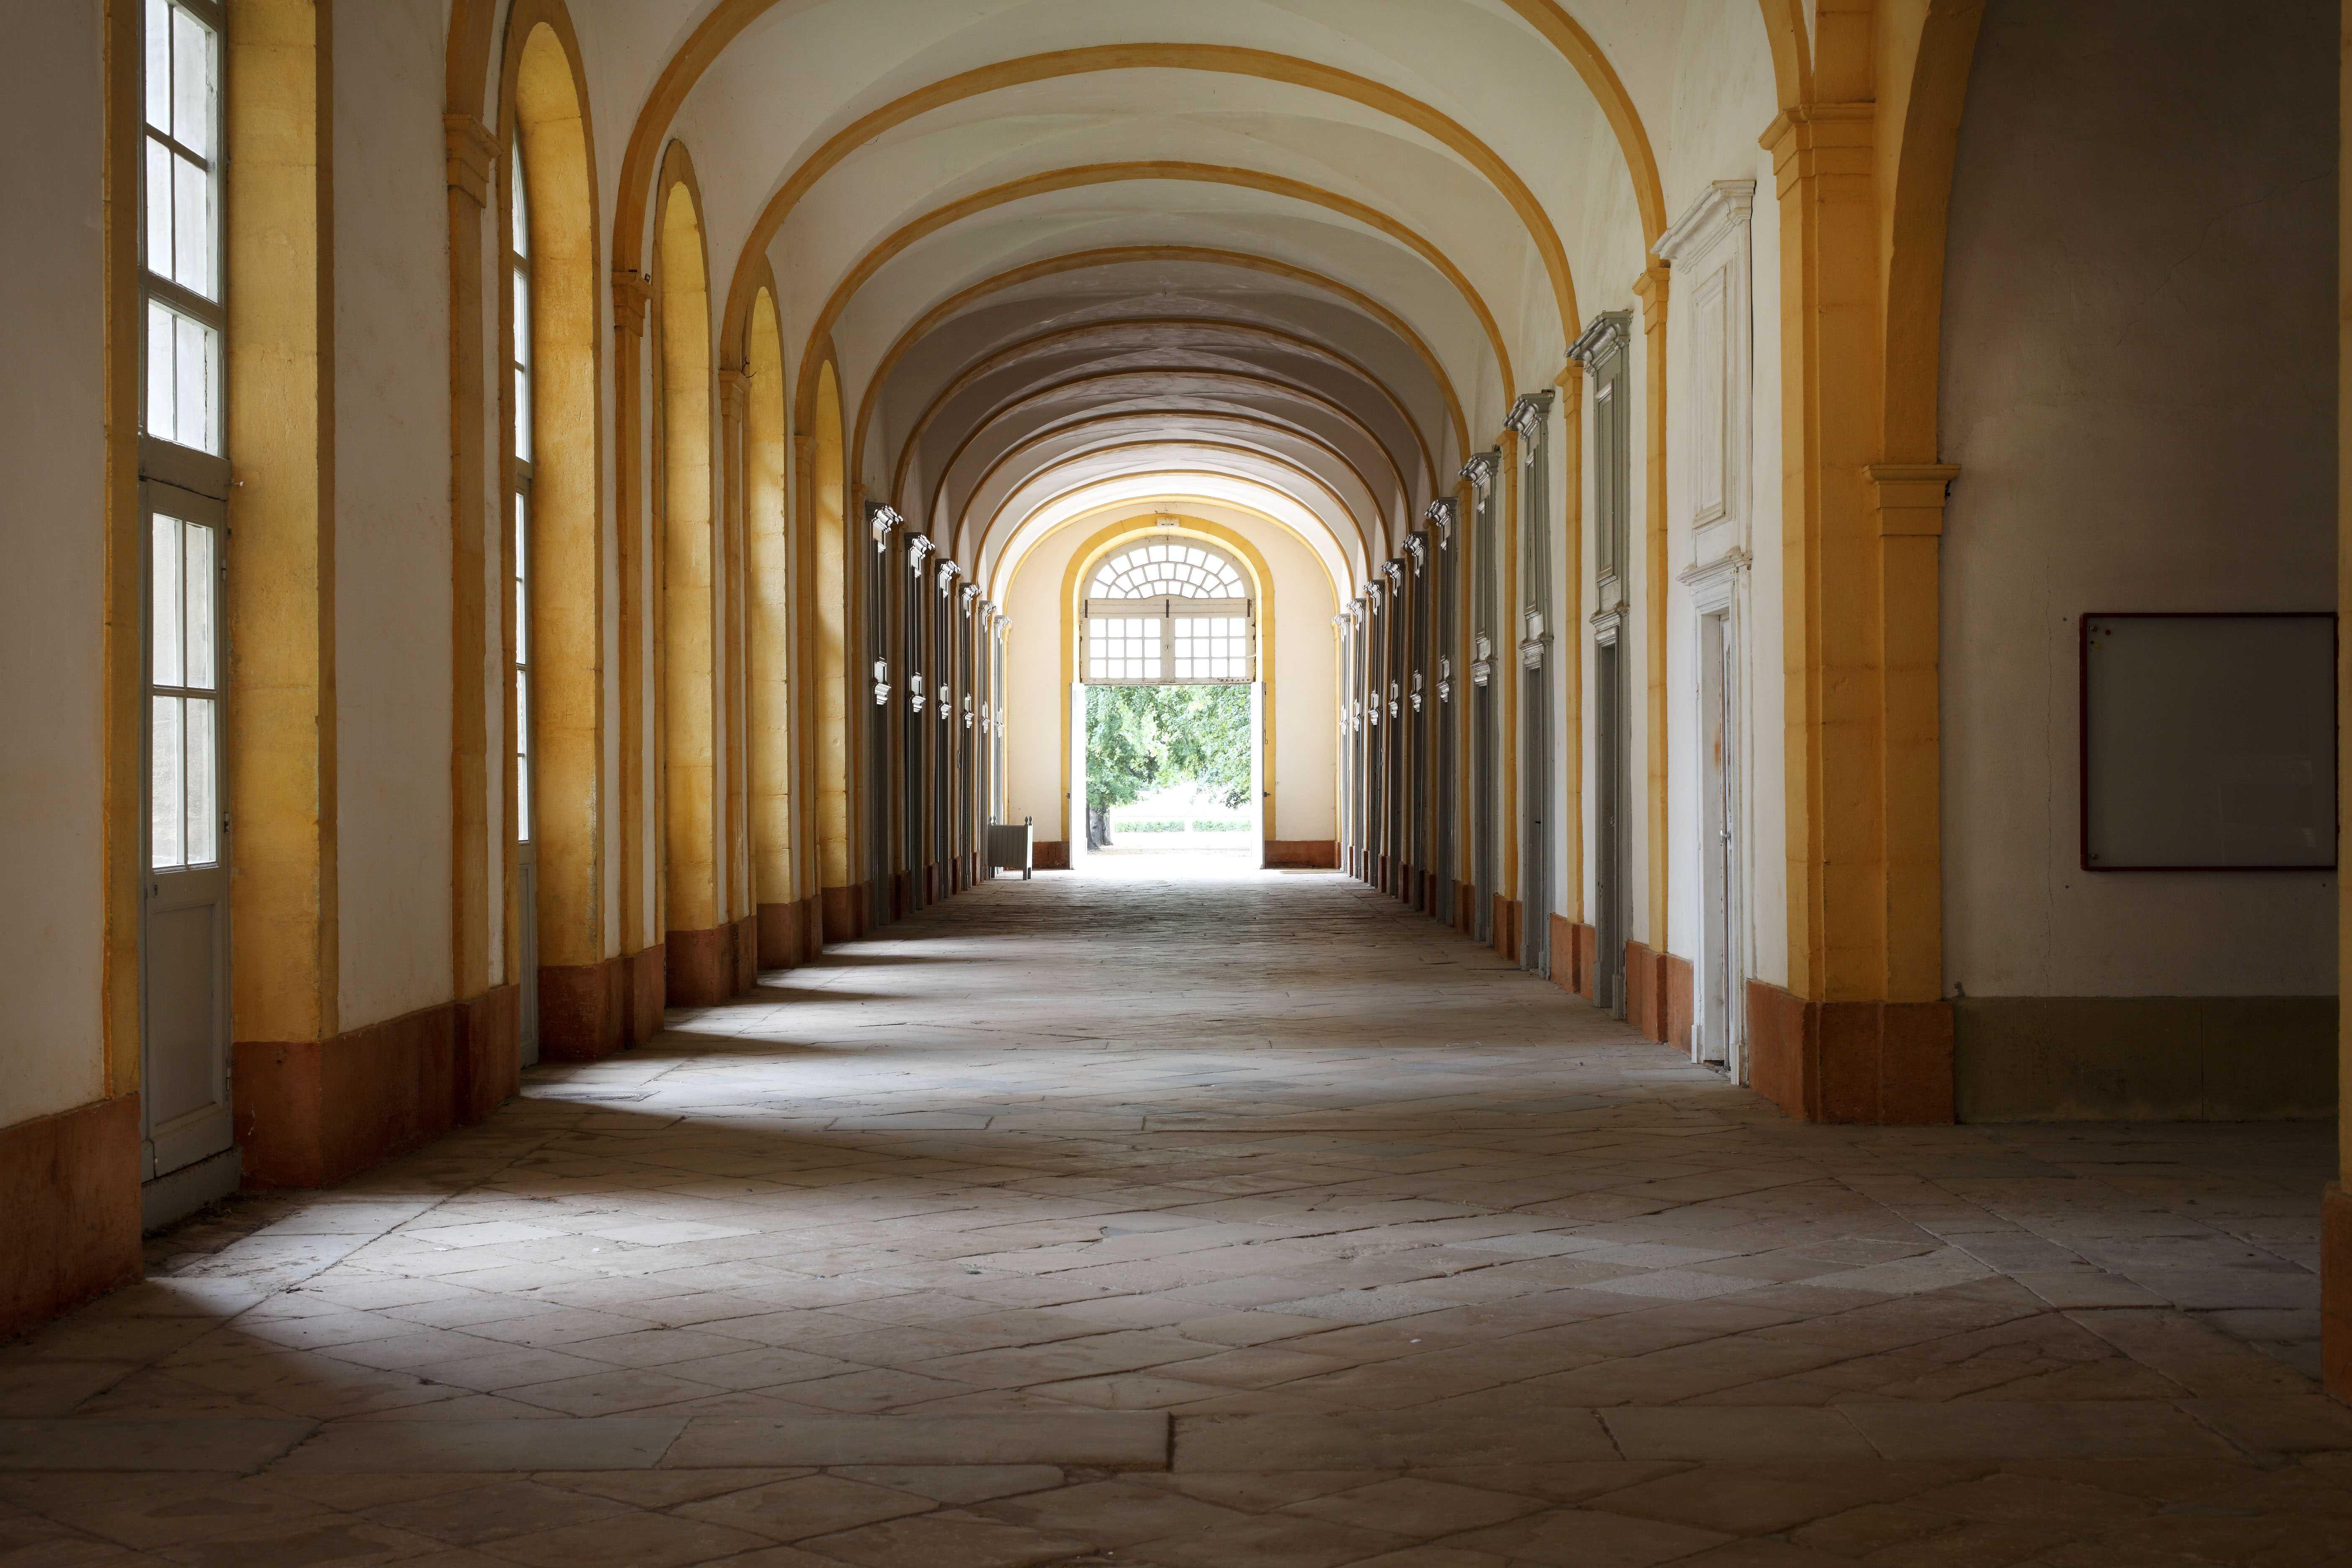 Abbaye de Cluny, bâtiment conventuel, aile nord, galerie @ D.Bordes_CMN_FLC